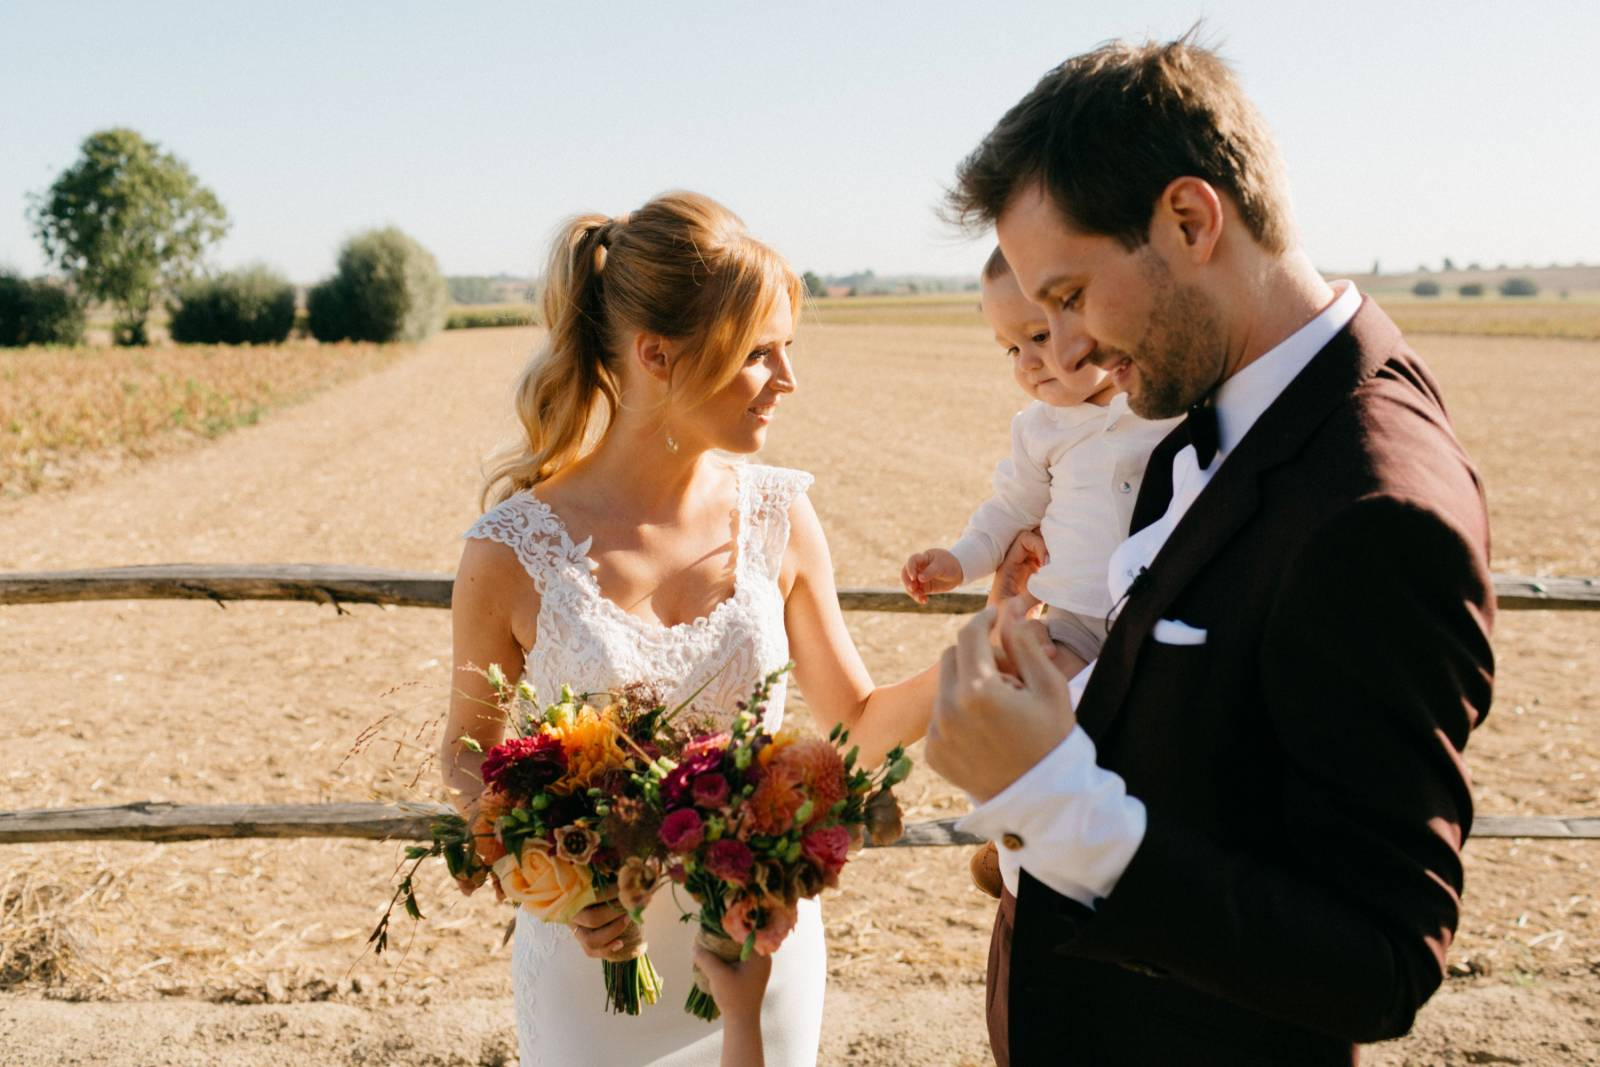 Maison Julie - Bruidsboeket - Bloemen huwelijk trouw bruiloft - Ciska & Jimte - Fotograaf Mathias Hannes - House of Weddings - 6